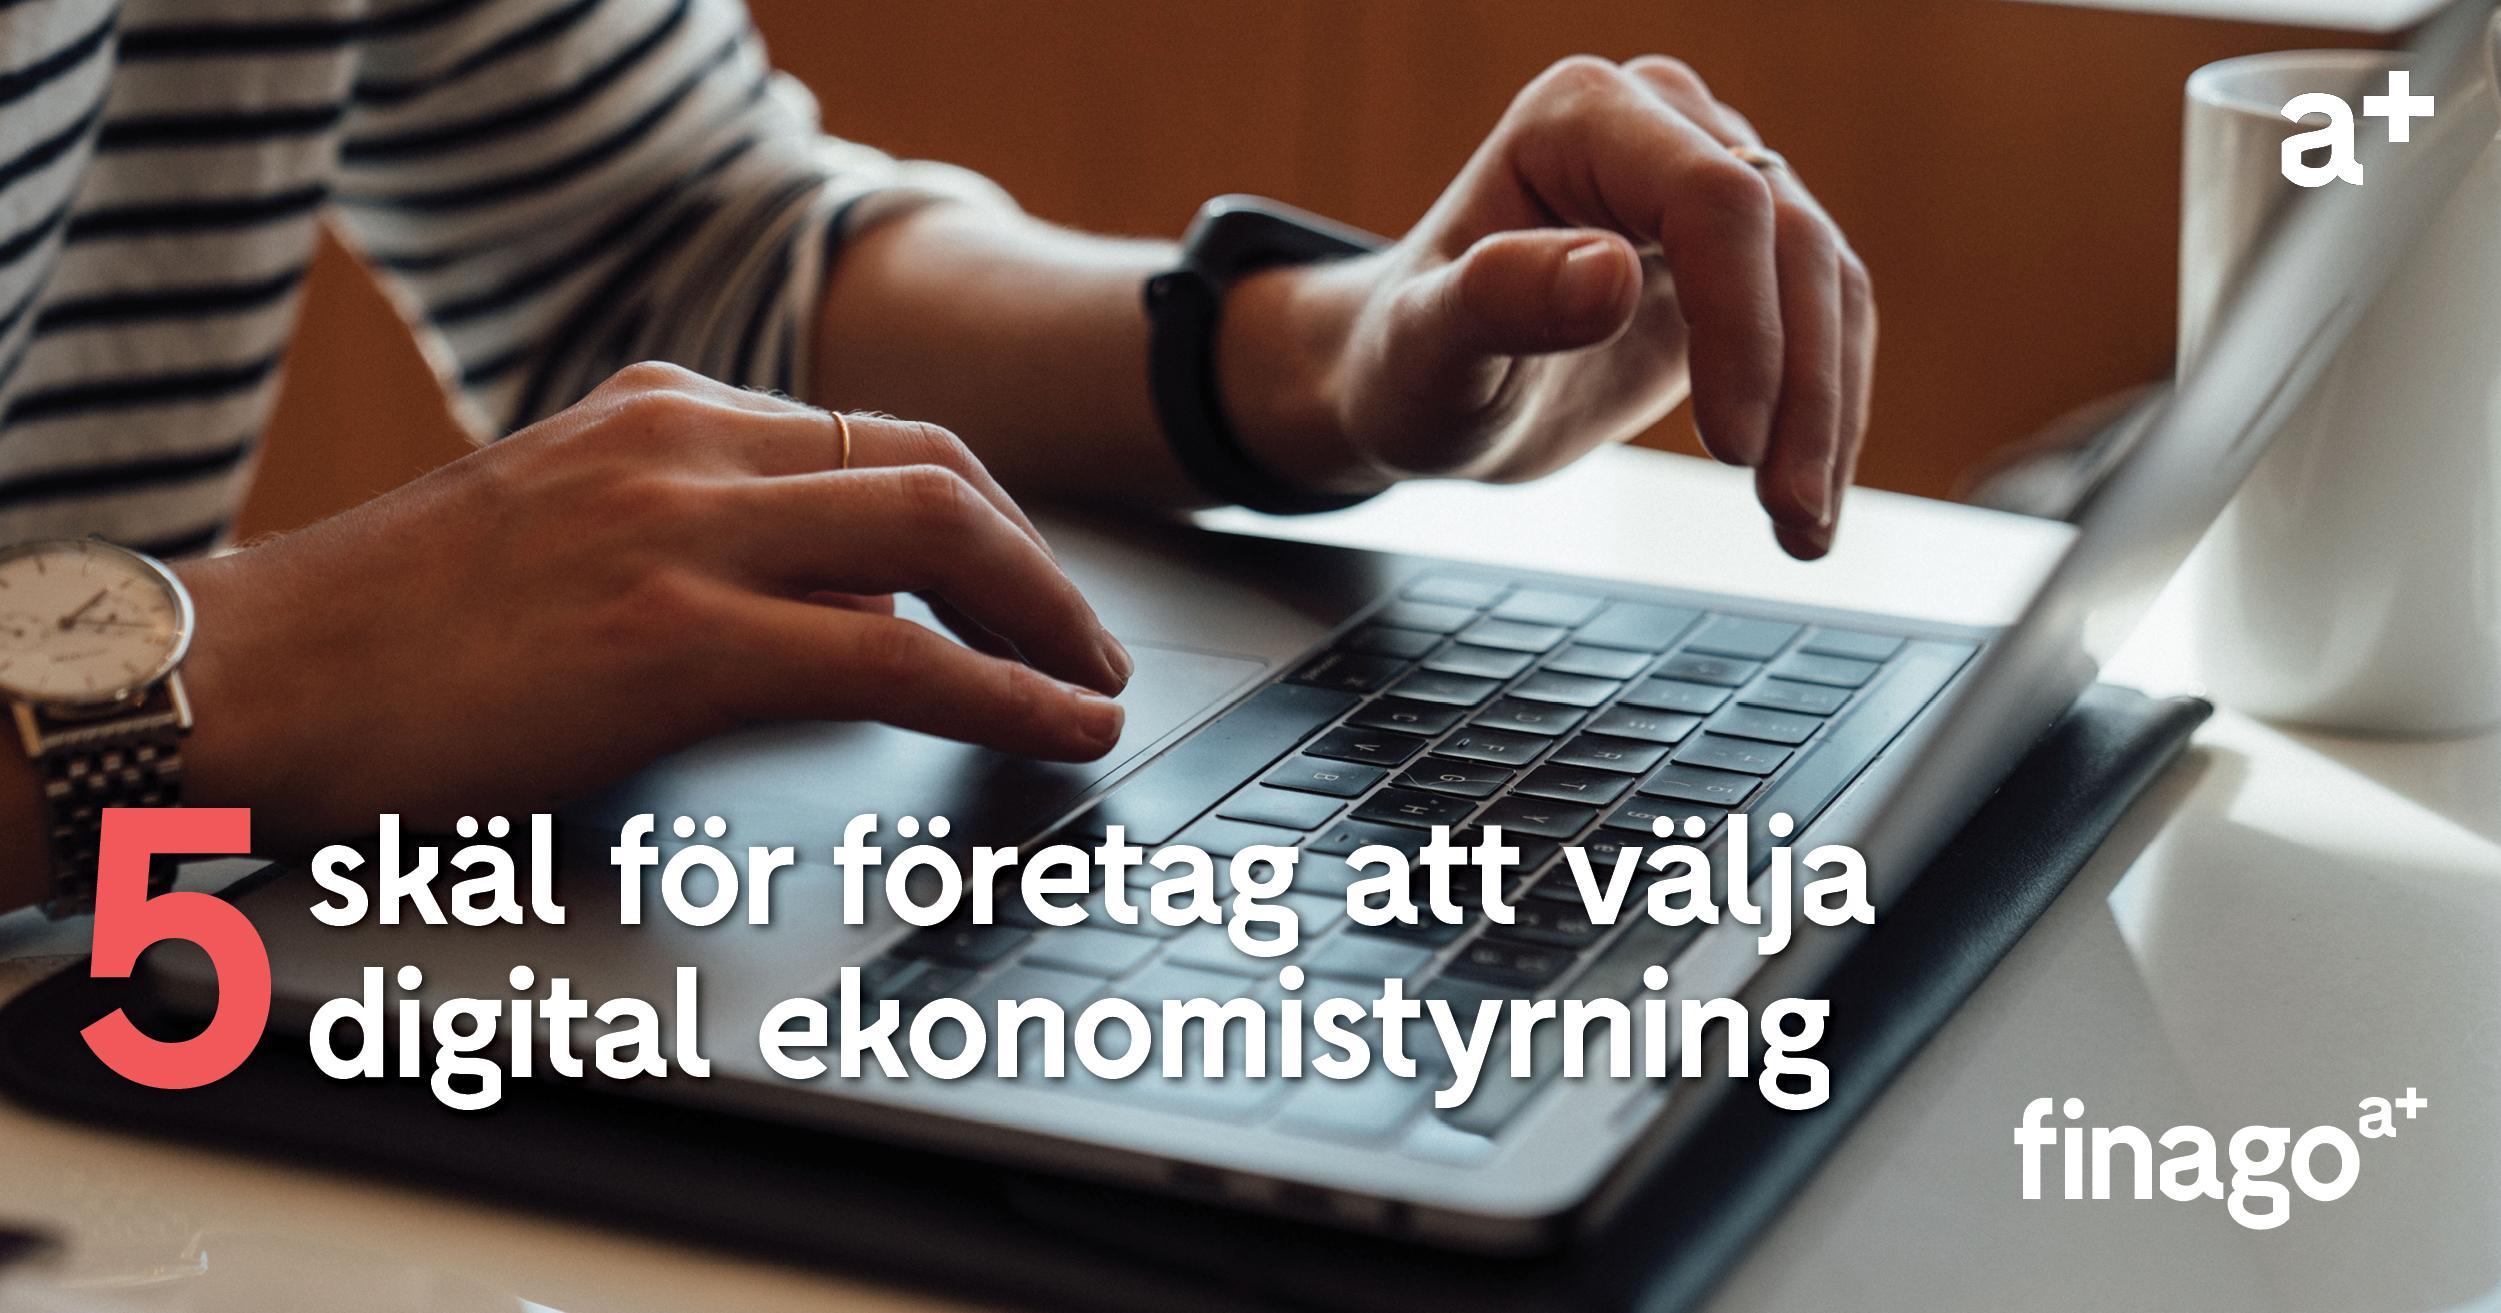 fb_valja digital ekonomistyrning